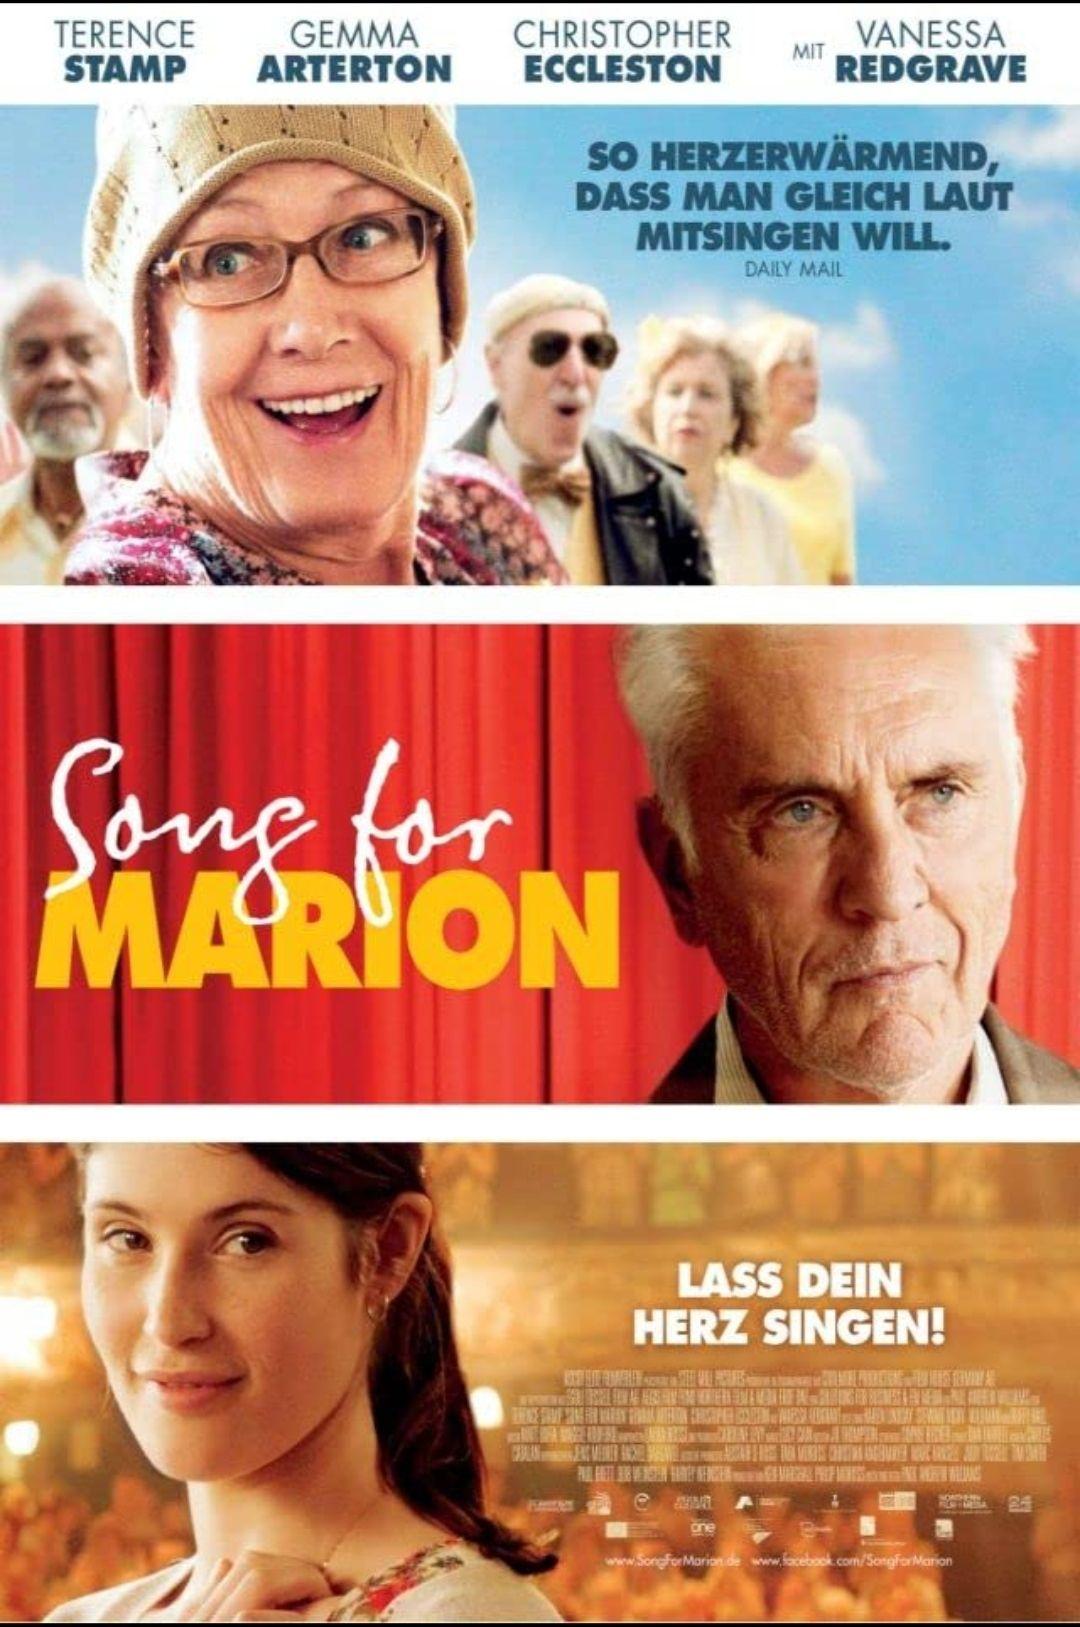 """[ARD Mediathek] """"Song for Marion"""" mit Gemma Arterton, Terrence Stamp und Christopher Ecclestone kostenlos streamen [IMDb 7.0]"""